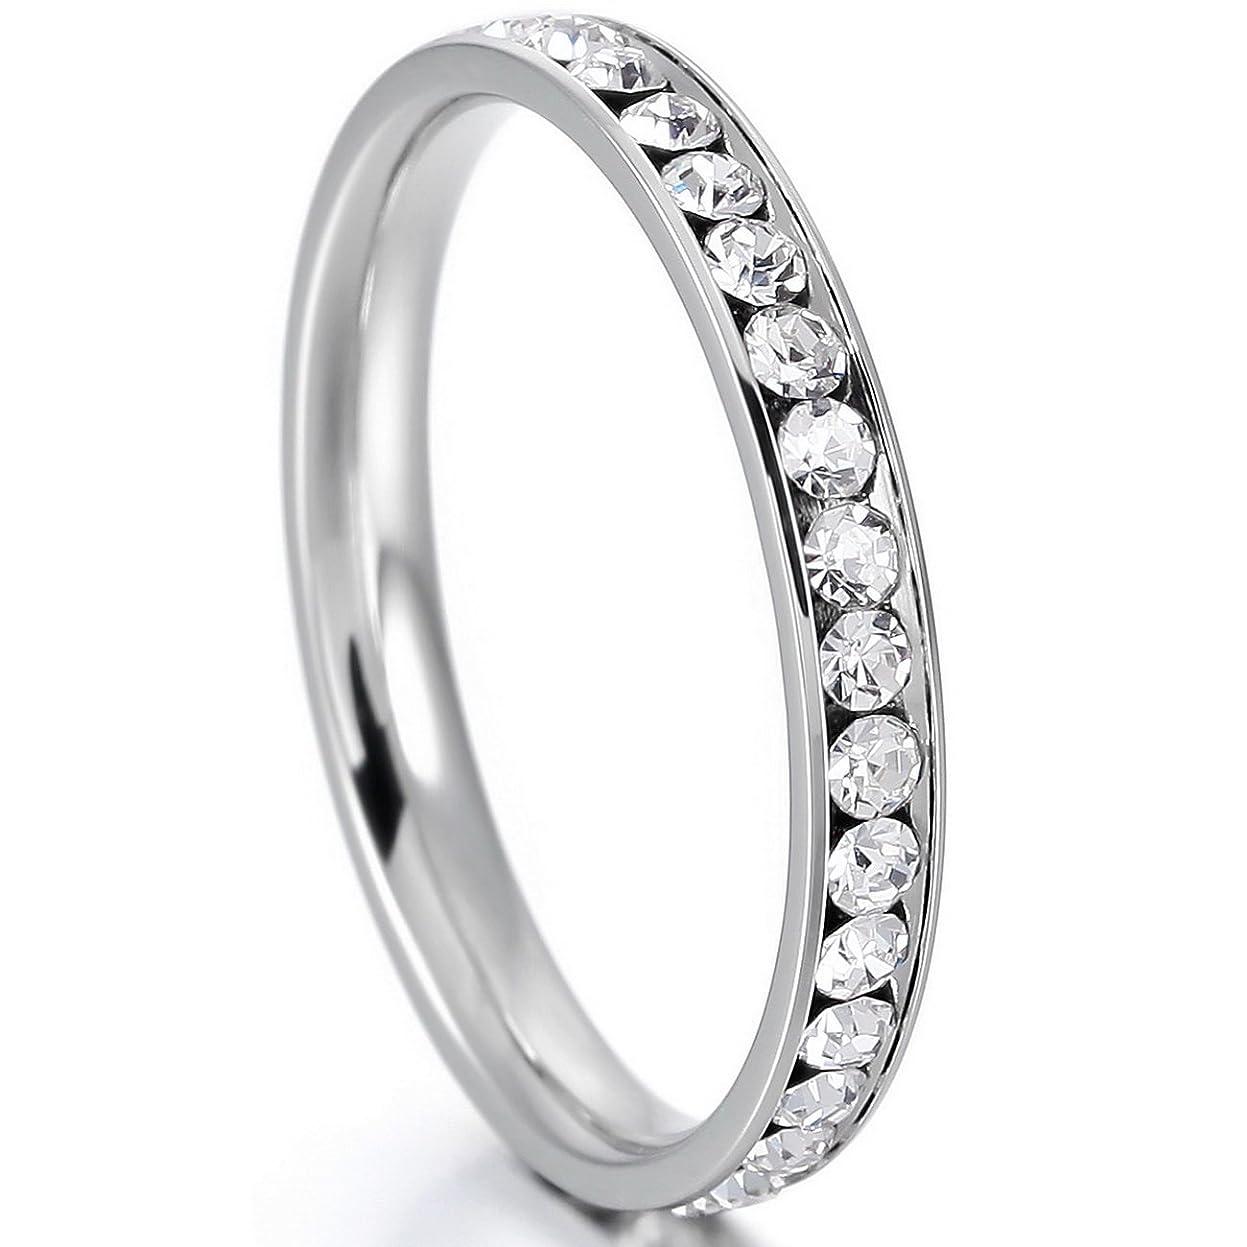 地区内向き想定する[ミワホウセキ] miwahouseki プラチナ 天然 ダイヤモンド マリッジ リング 結婚指輪 2本ペアでこの価格 [M130LM]